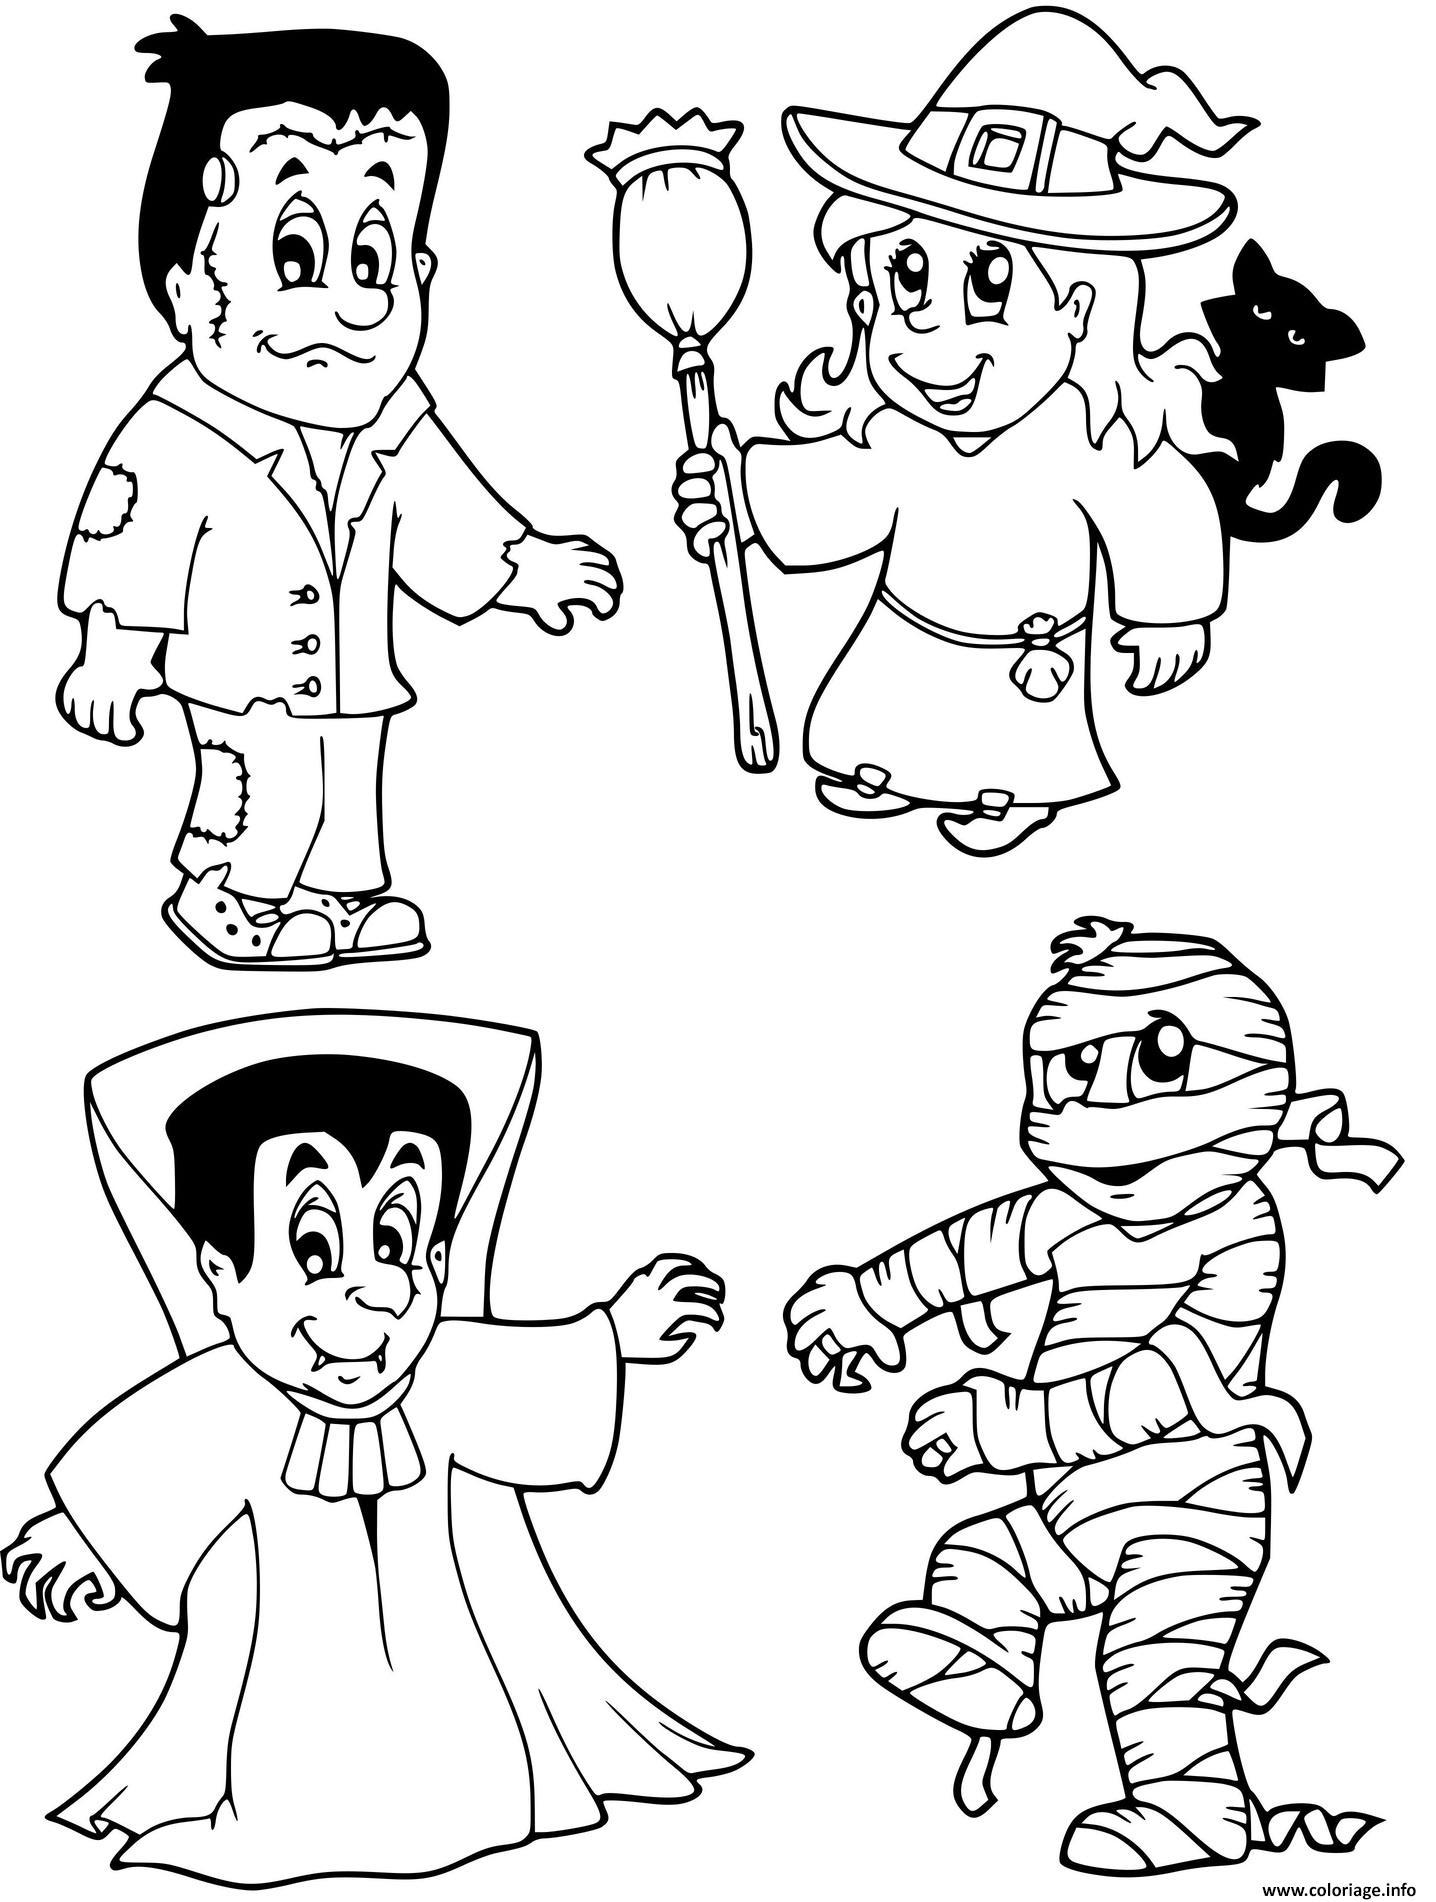 Dessin personnages halloween vampire sorciere momie Coloriage Gratuit à Imprimer